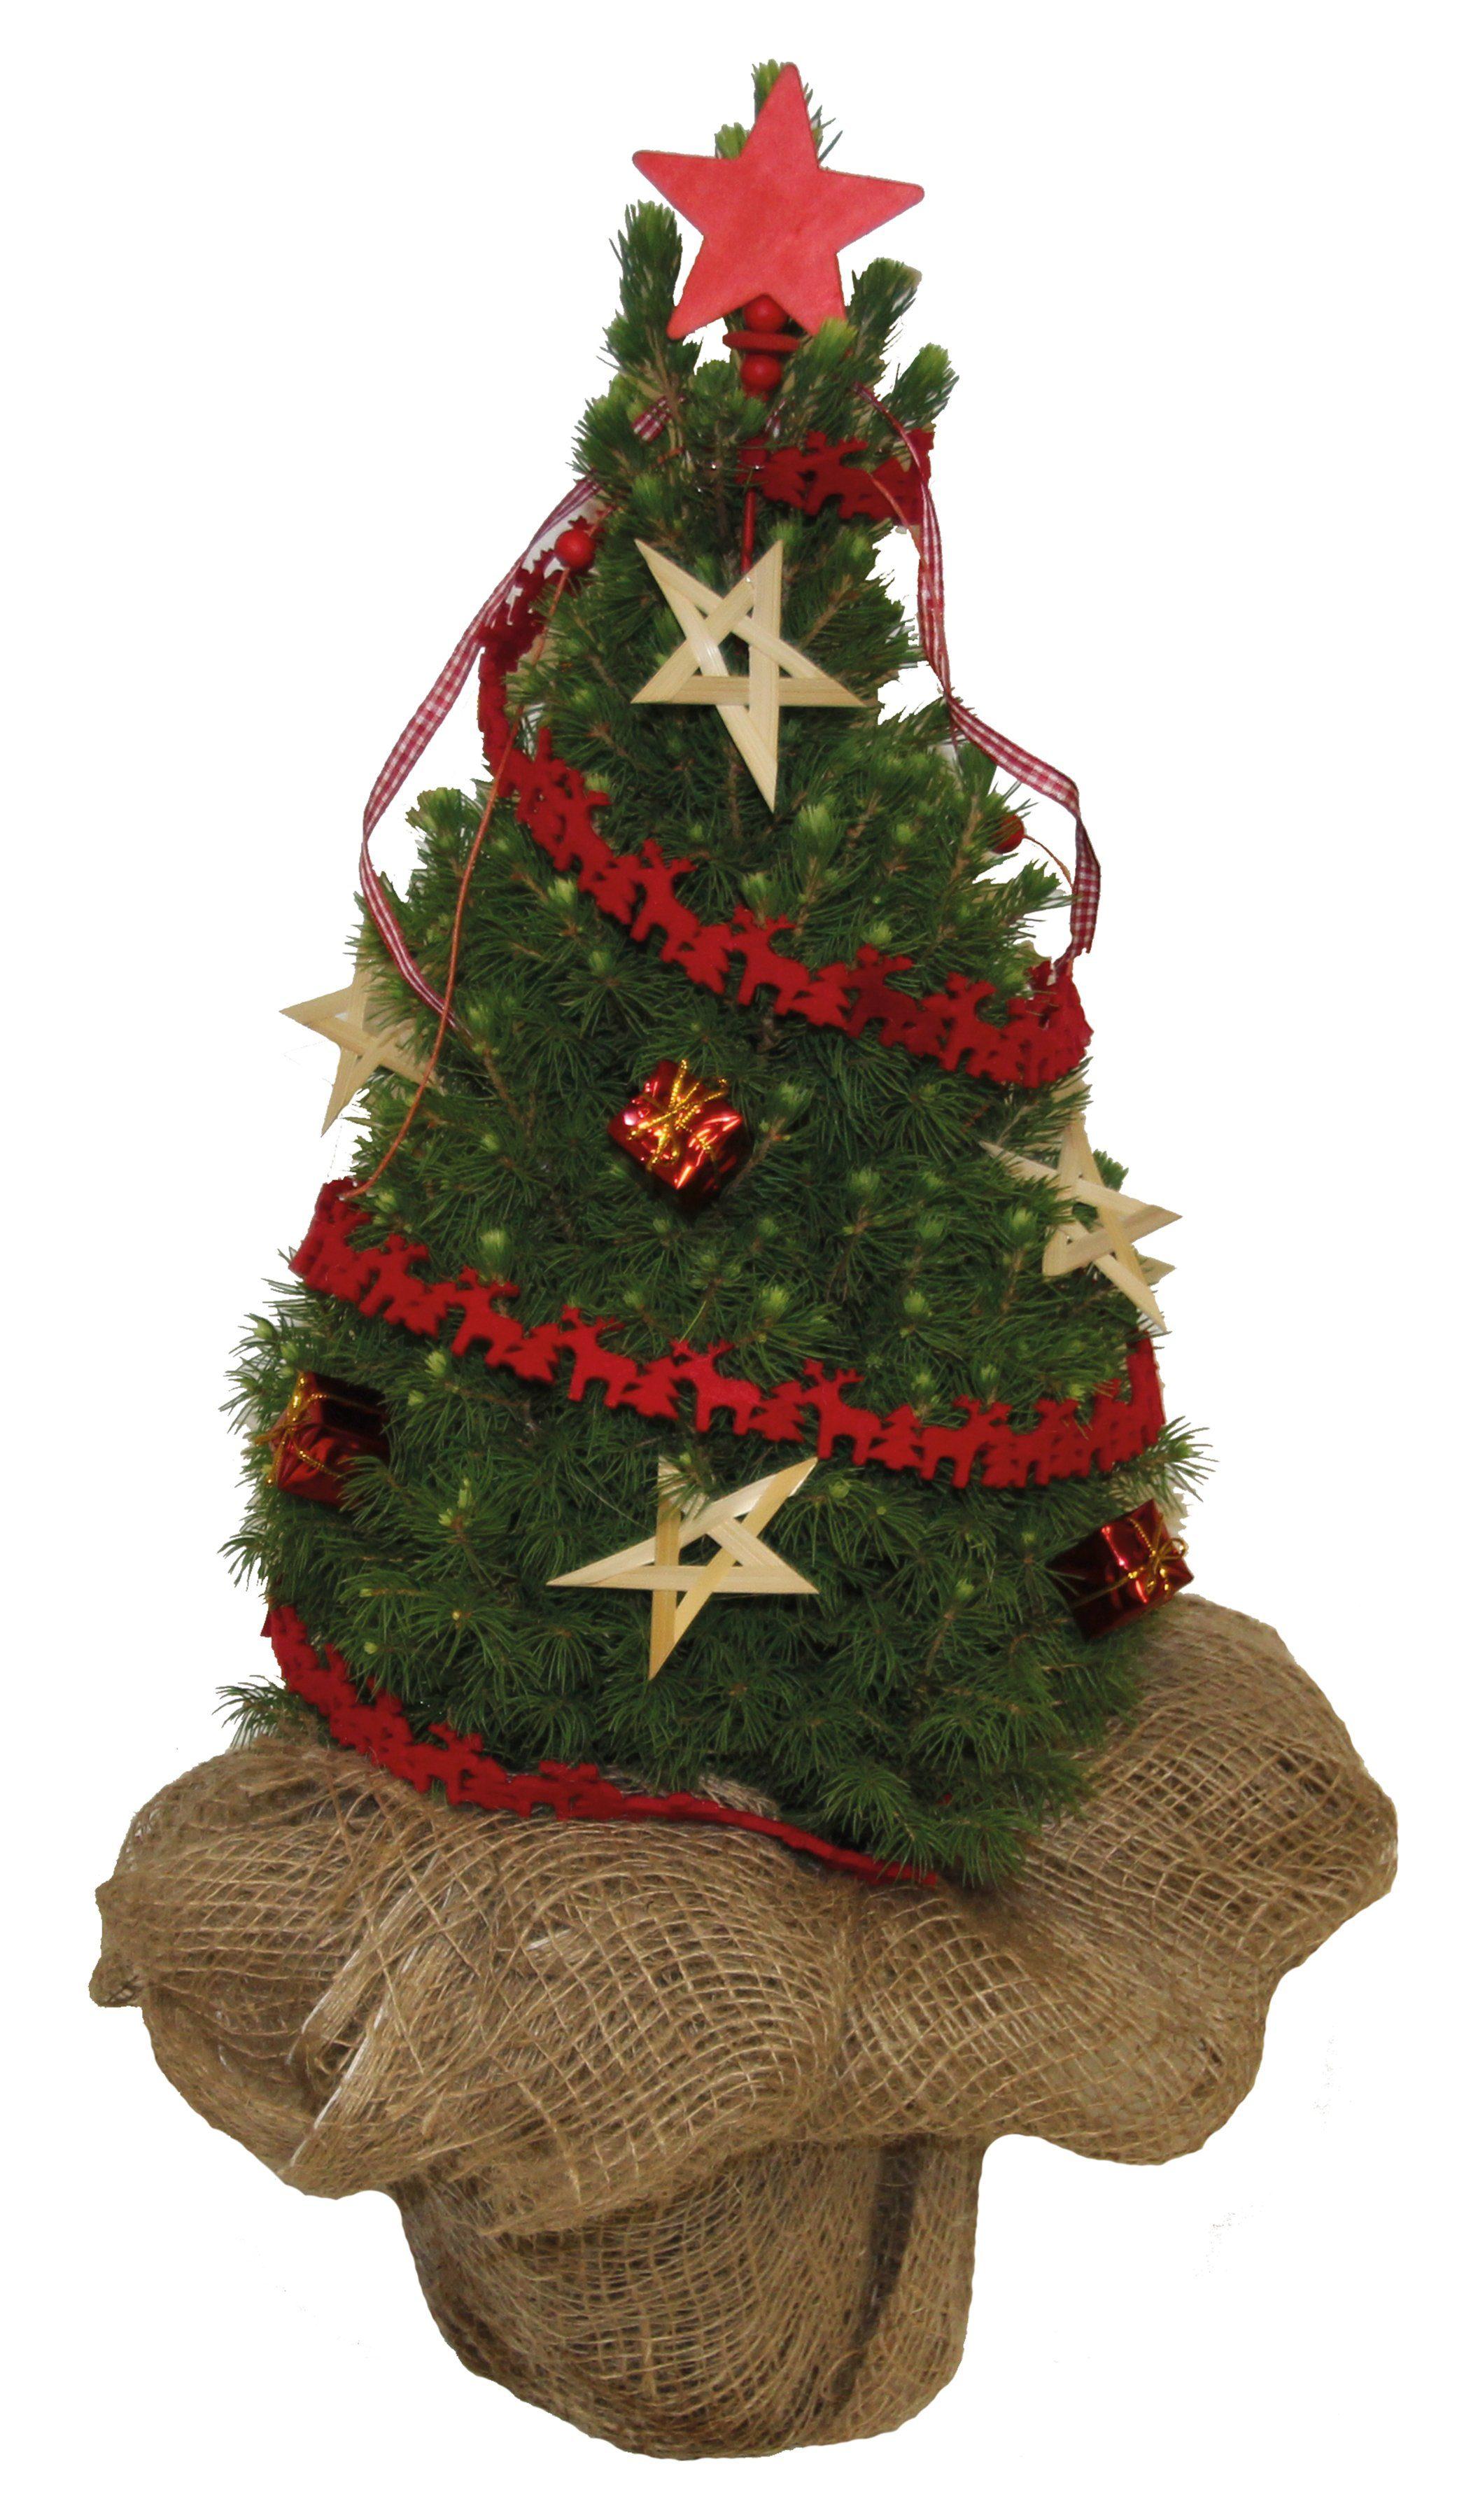 Konifere »Weihnachtsbaum« rot, Lieferhöhe: 60 cm